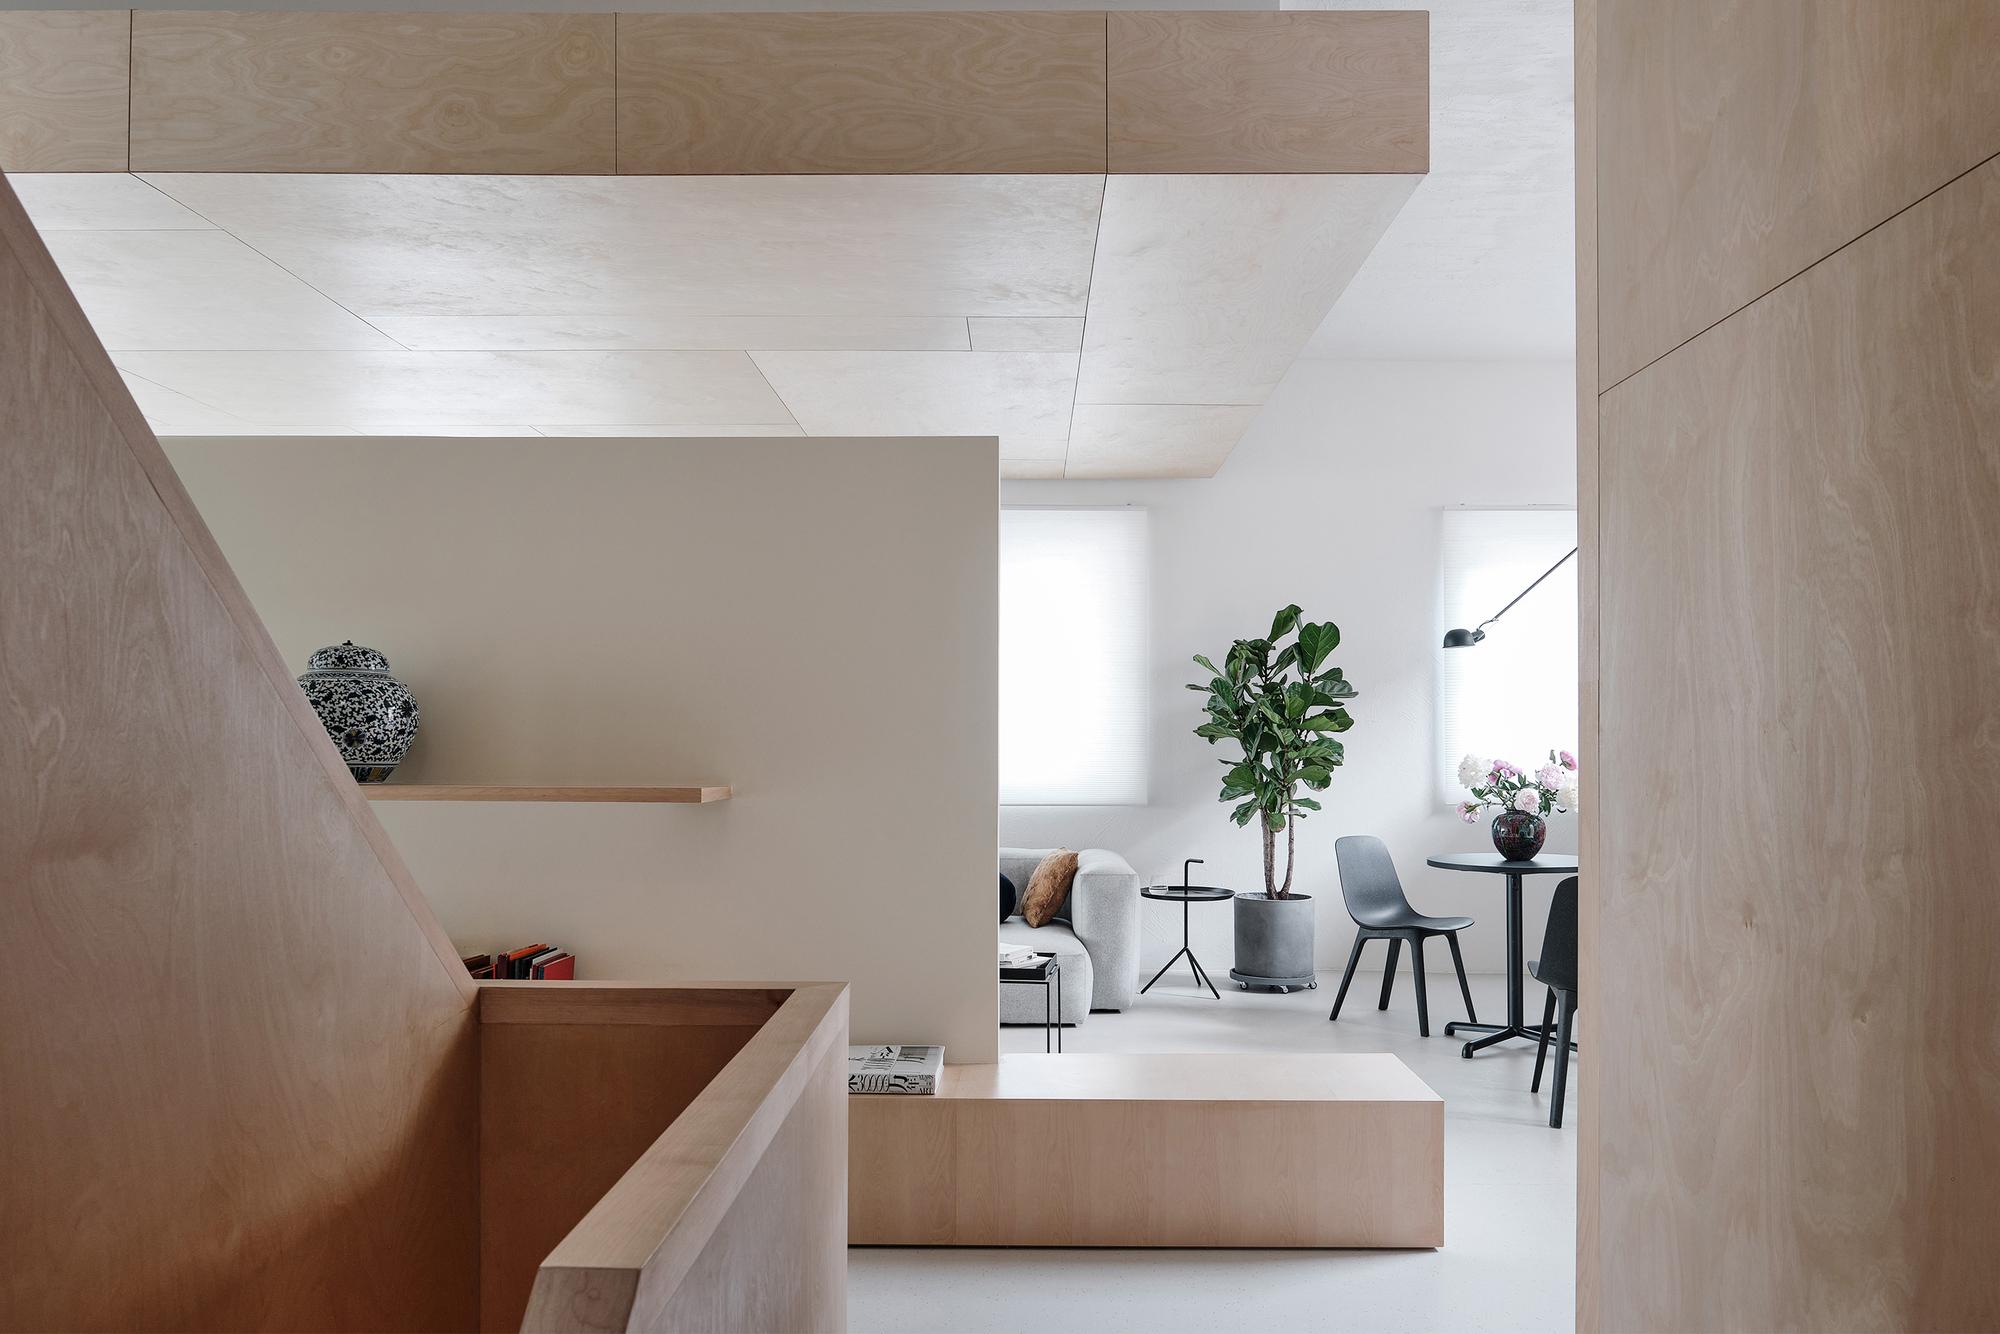 House HD / MDDM STUDIO